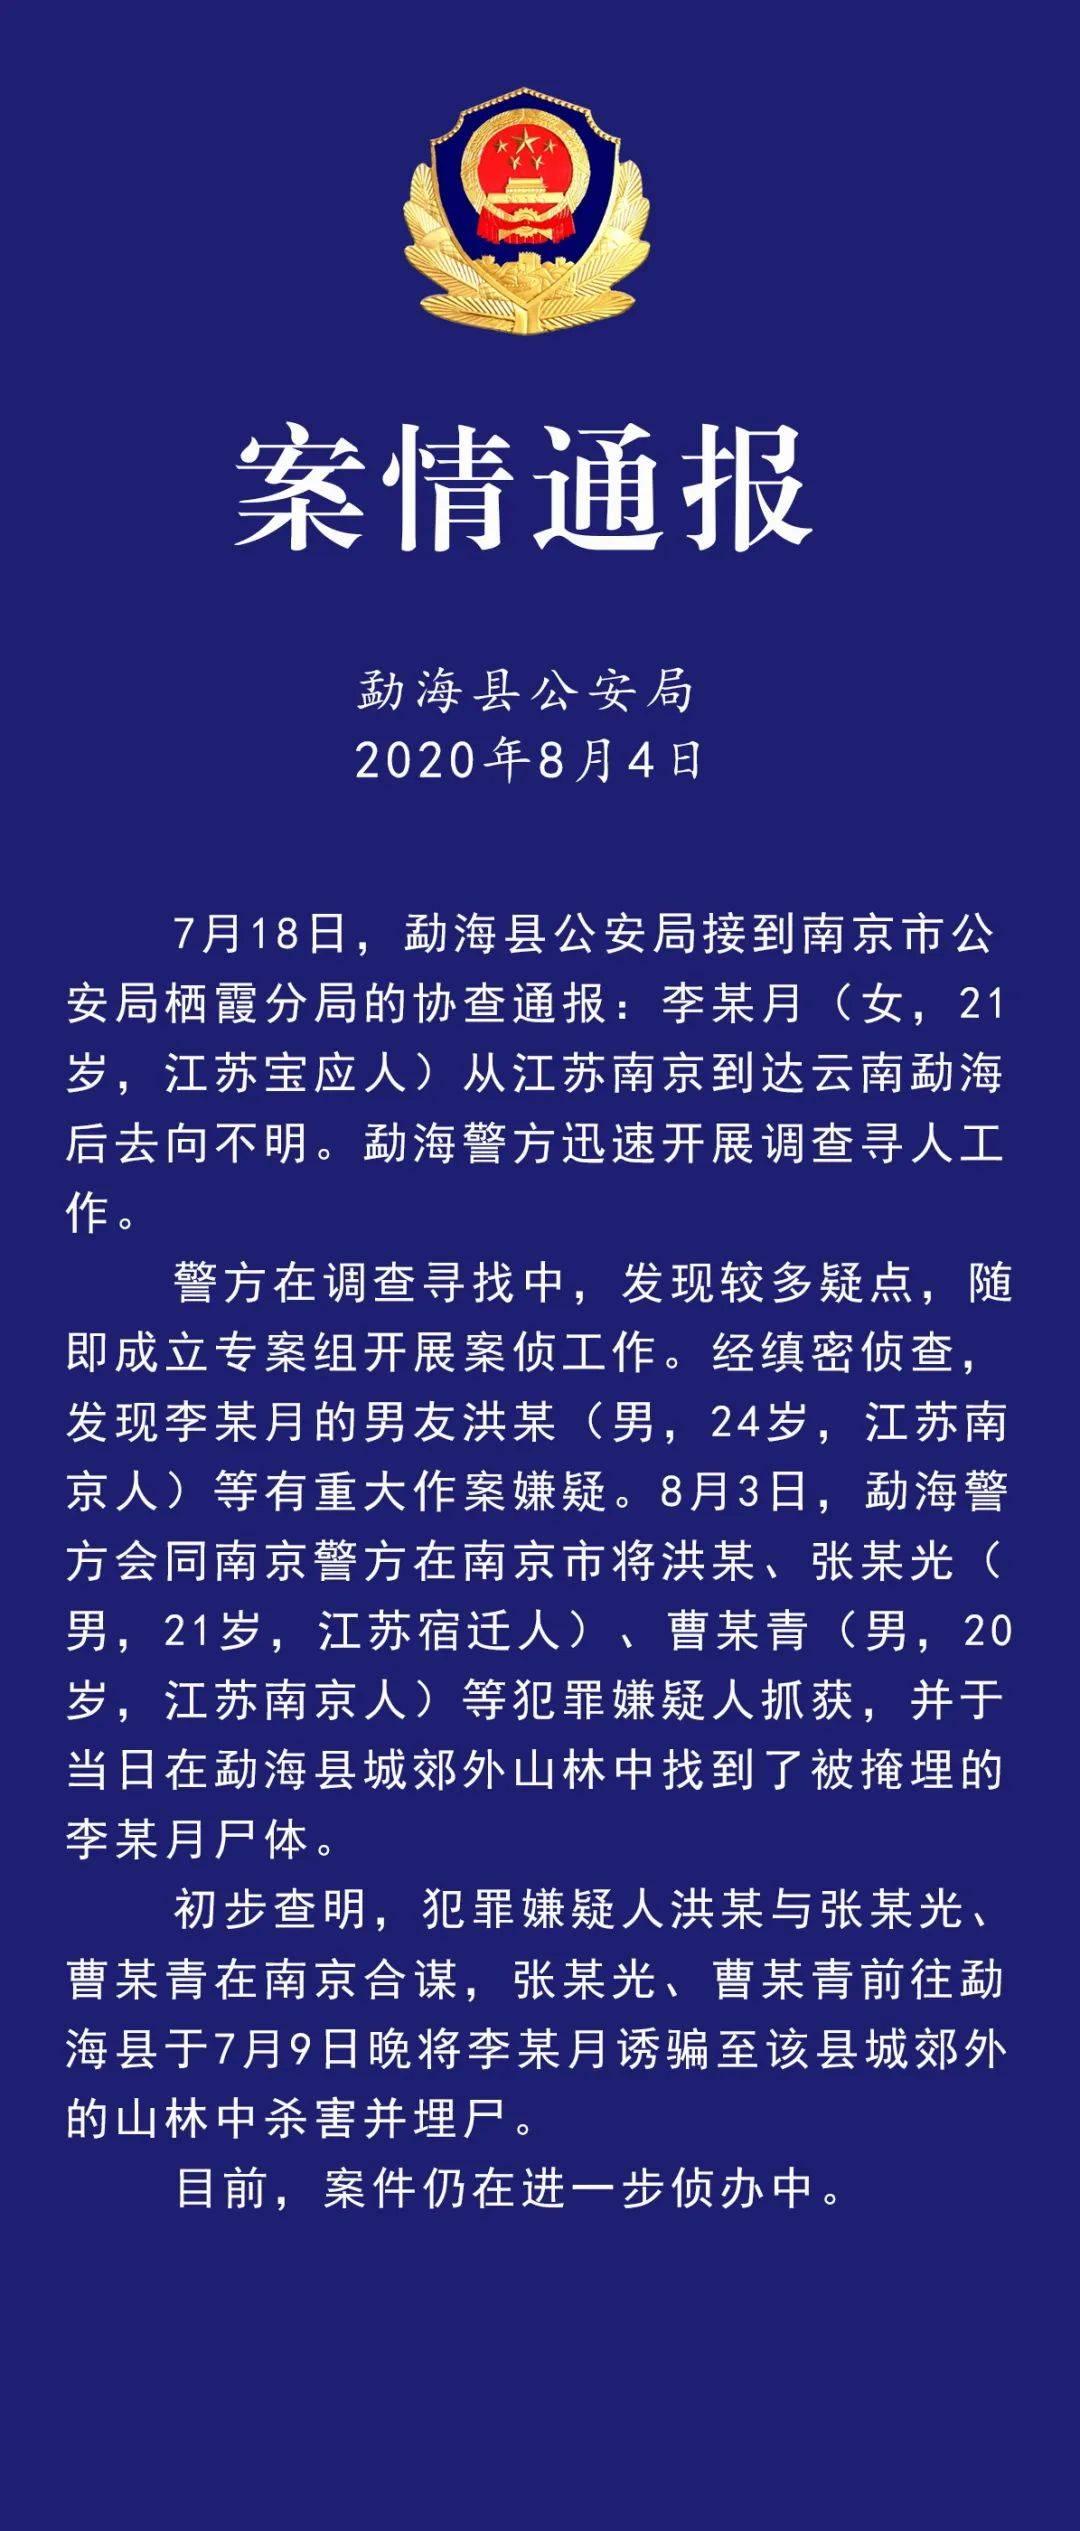 勐海警方通报:南京失联女大学生李某月被其男友等人杀害埋尸